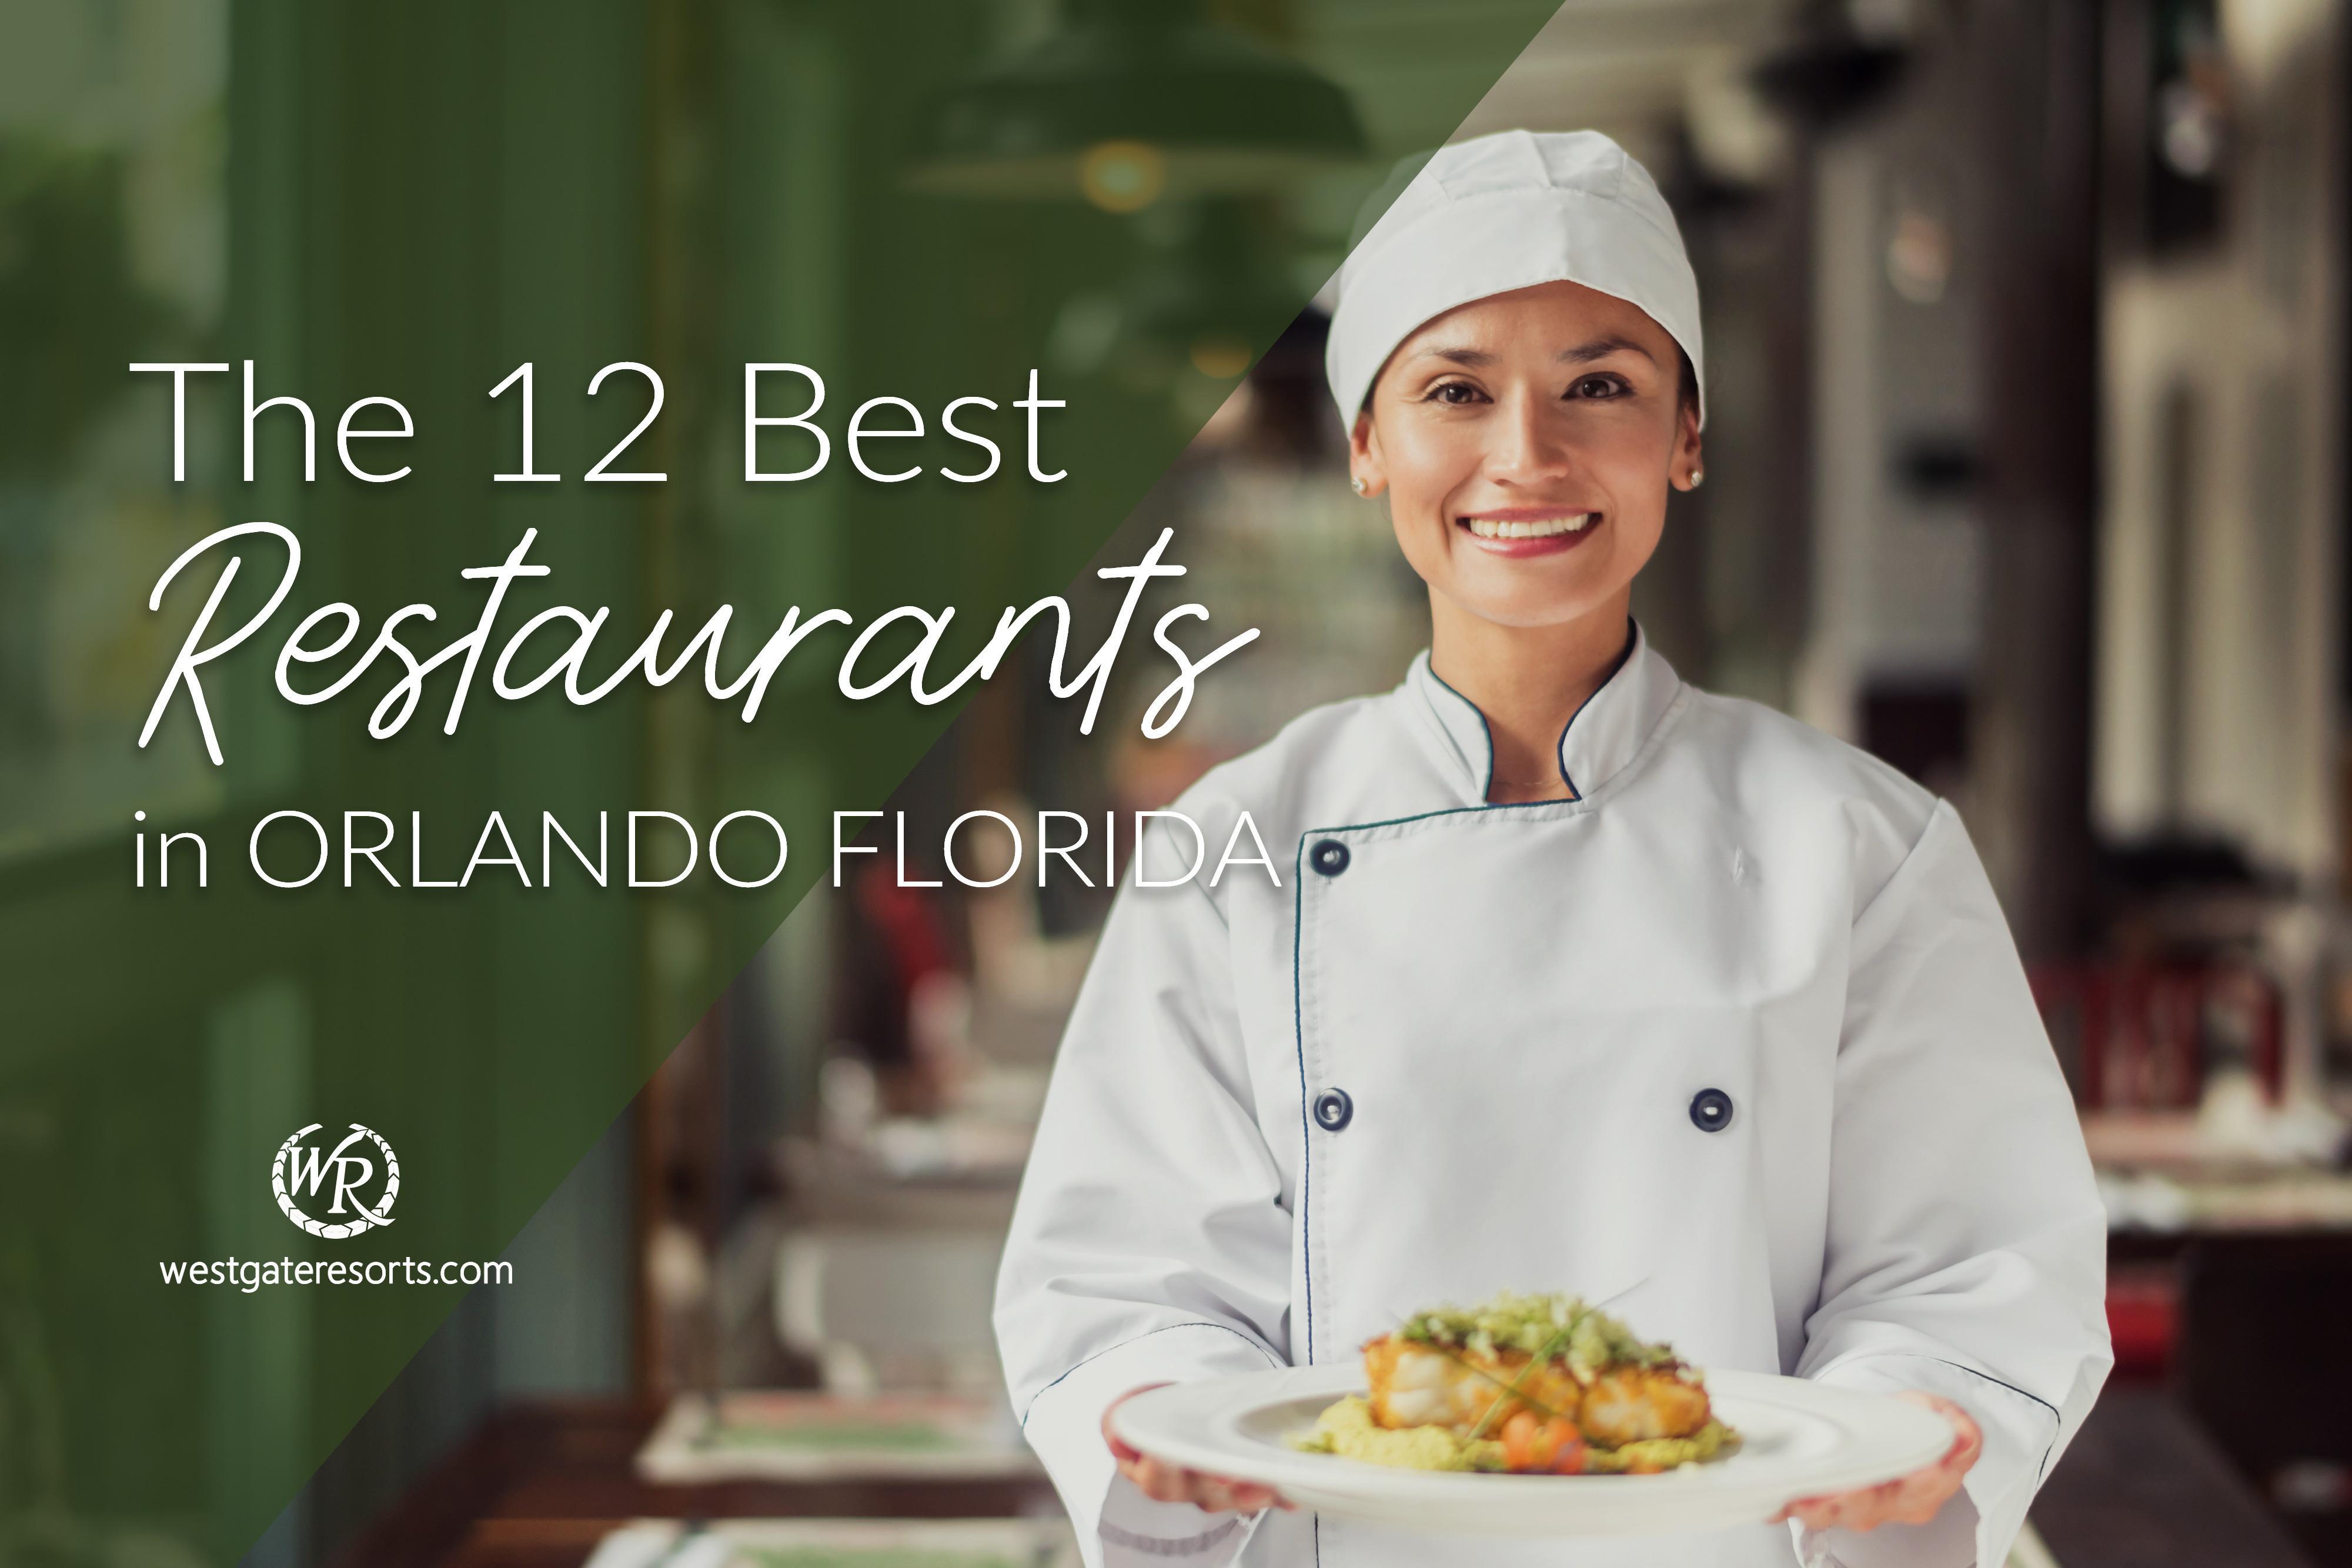 The 12 Best Restaurants in Orlando Florida